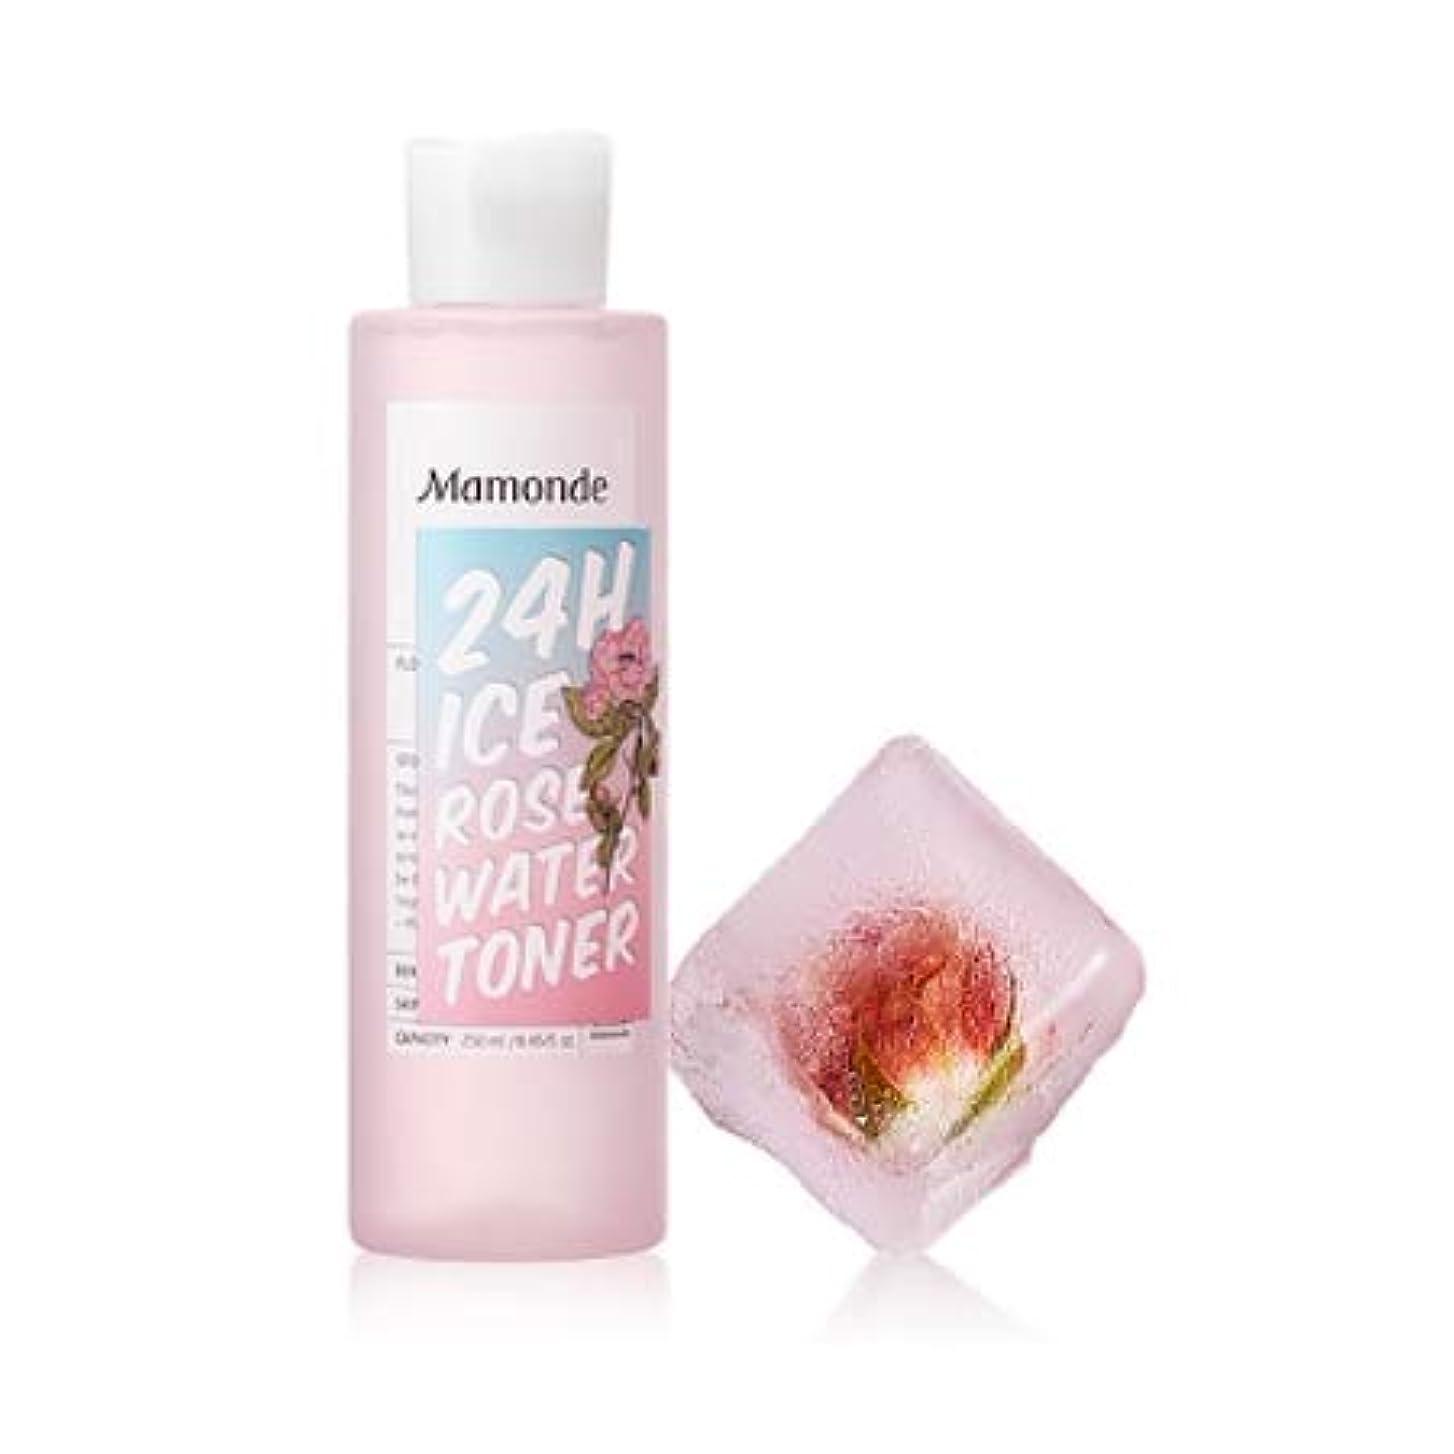 テニス目立つうなずく【マモンド.mamonde](公式)24Hアイスローズウォータートナー(250ml)(2019.05 new product)/ ice rose water toner